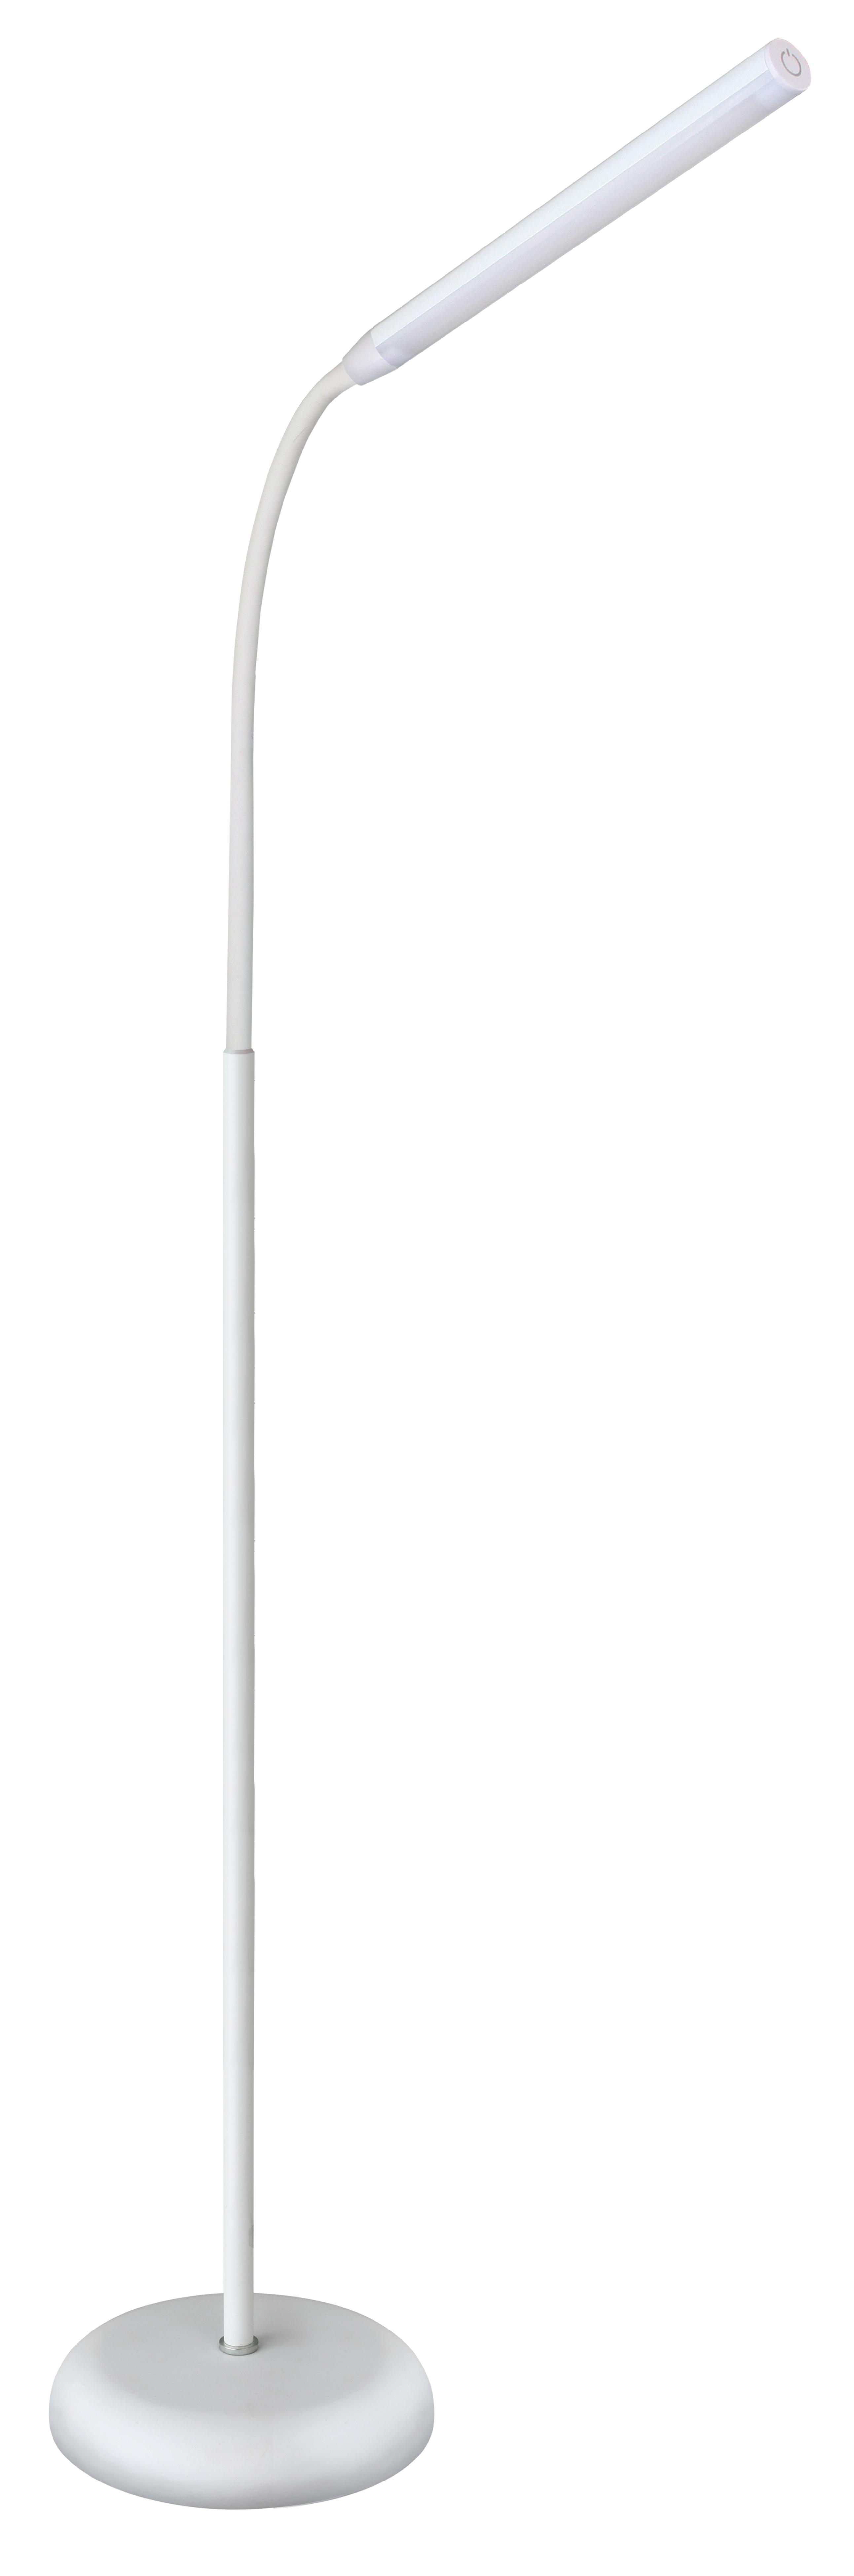 Лампа настольная Camelion Kd-795 c01 торшер camelion kd 806 5вт led 220в белый